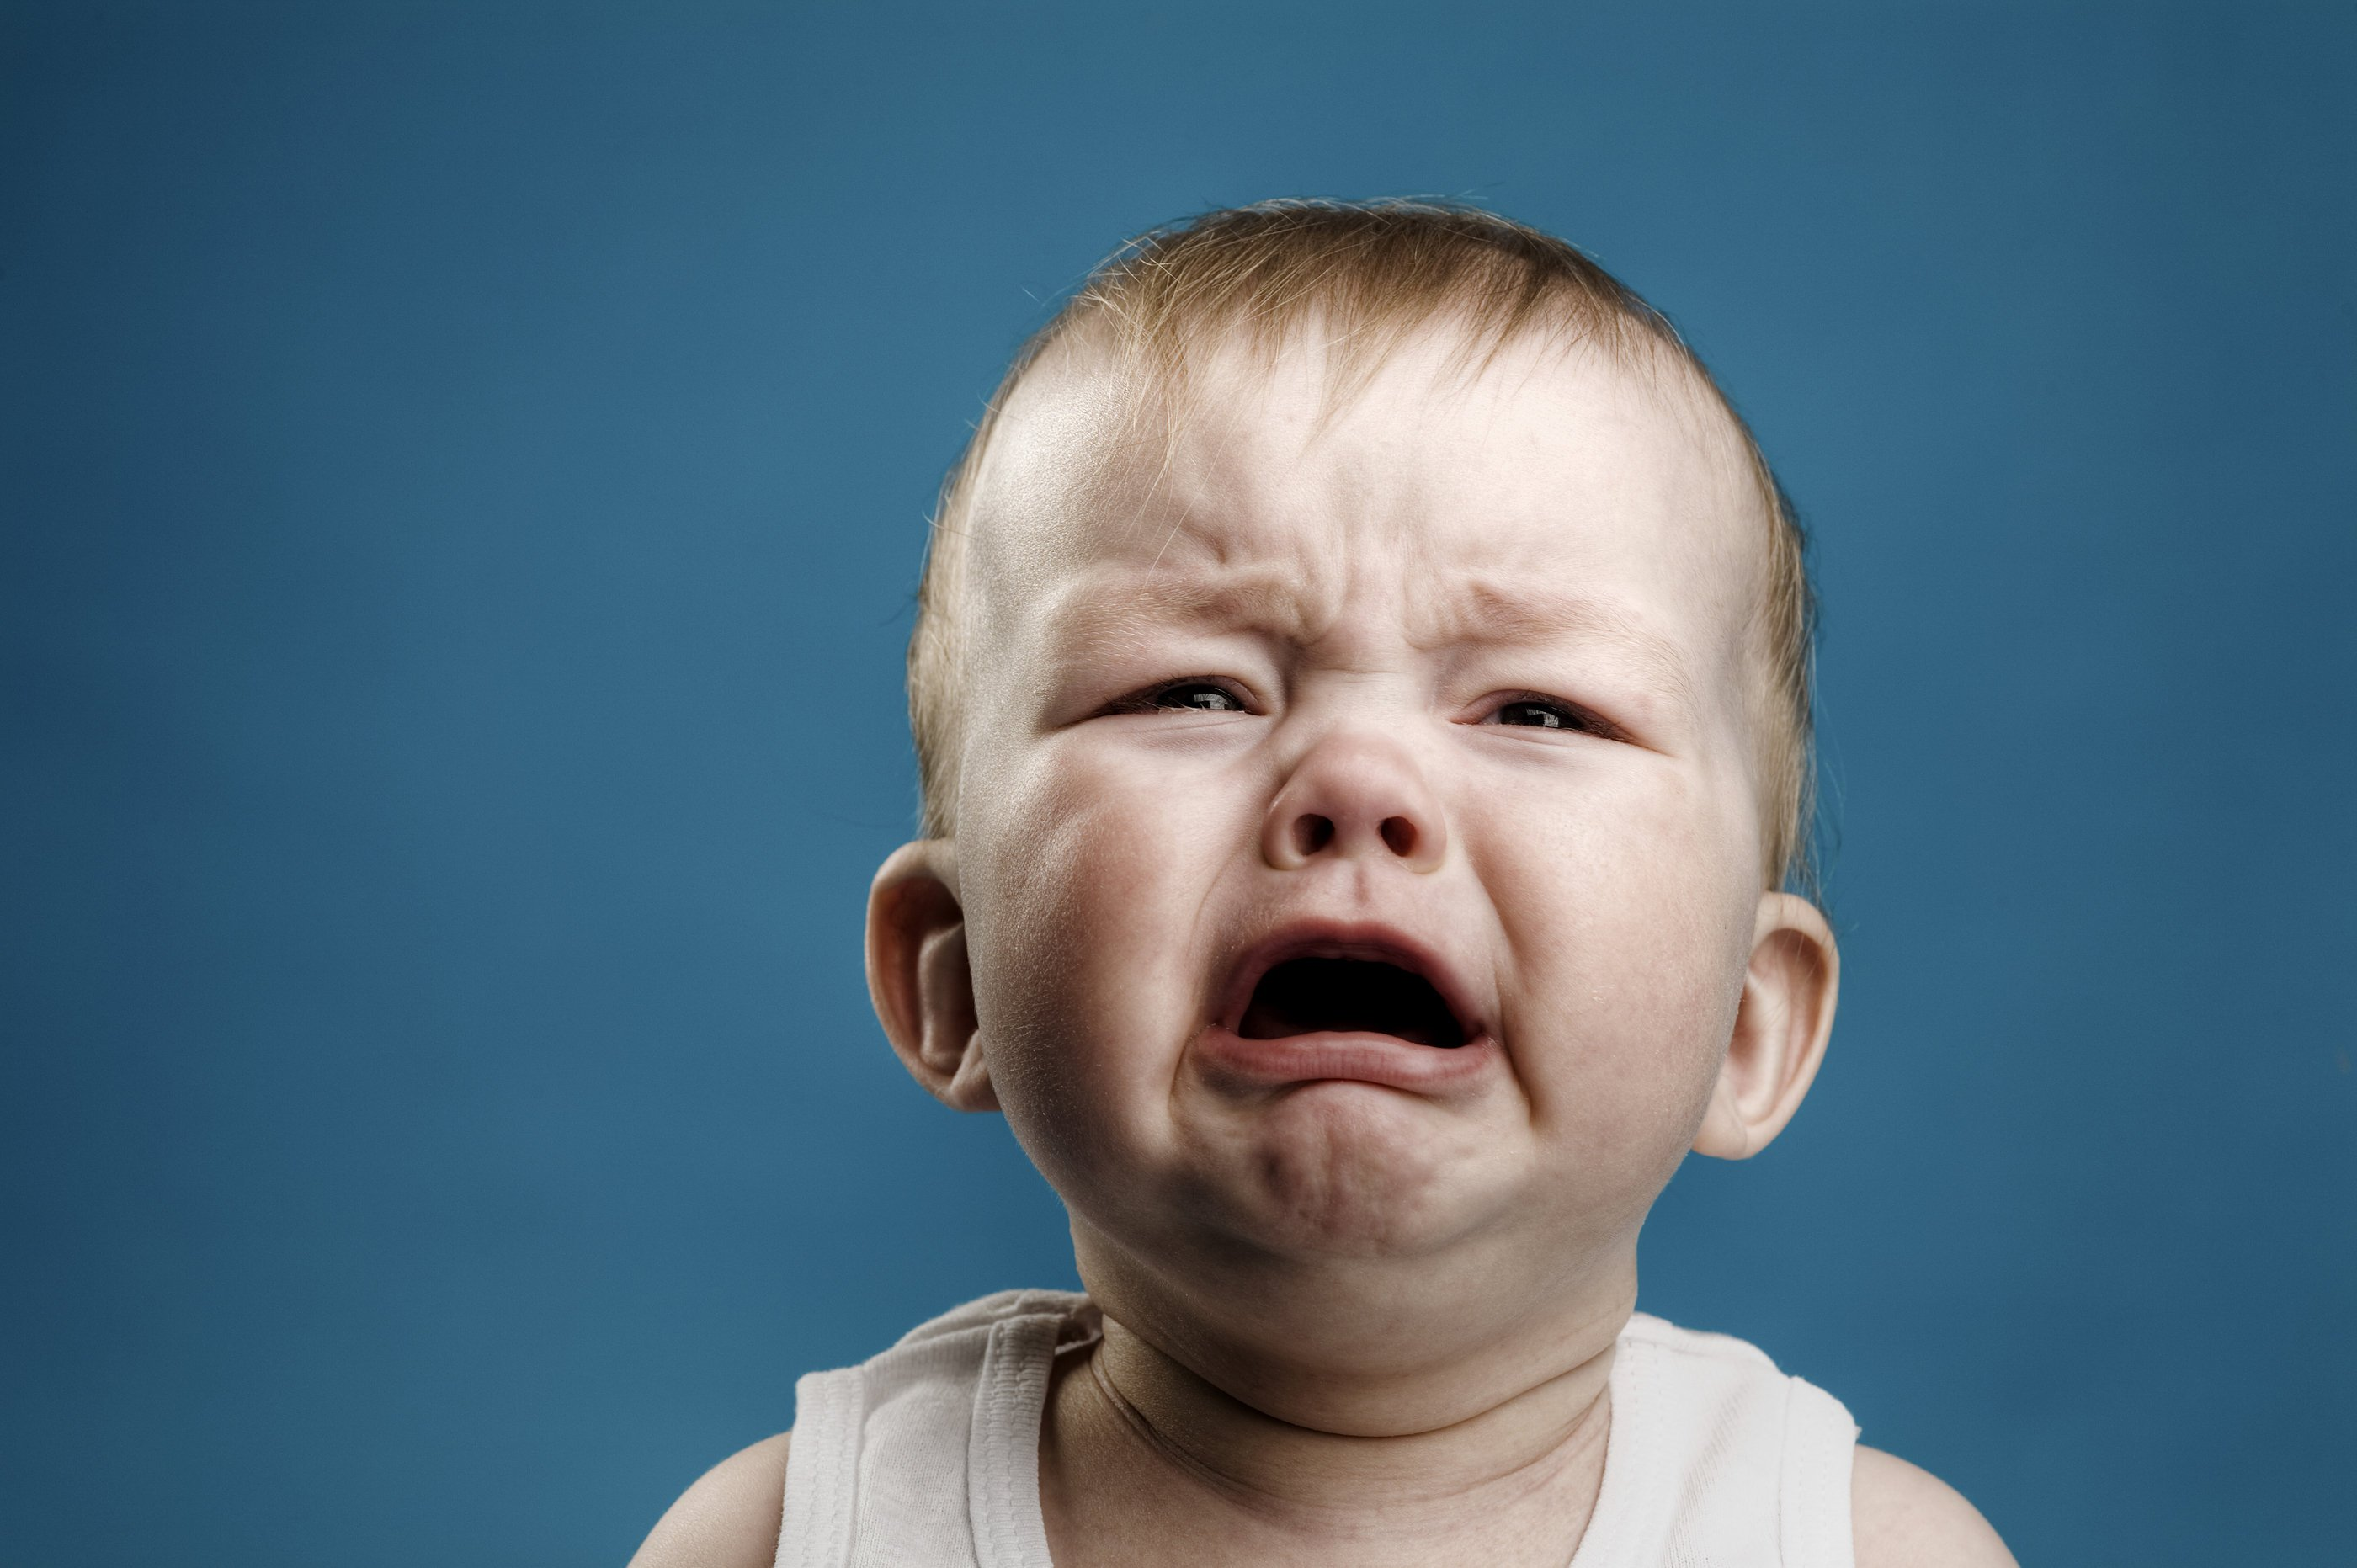 Почему ребенок плачет – Почему кричит ребенок